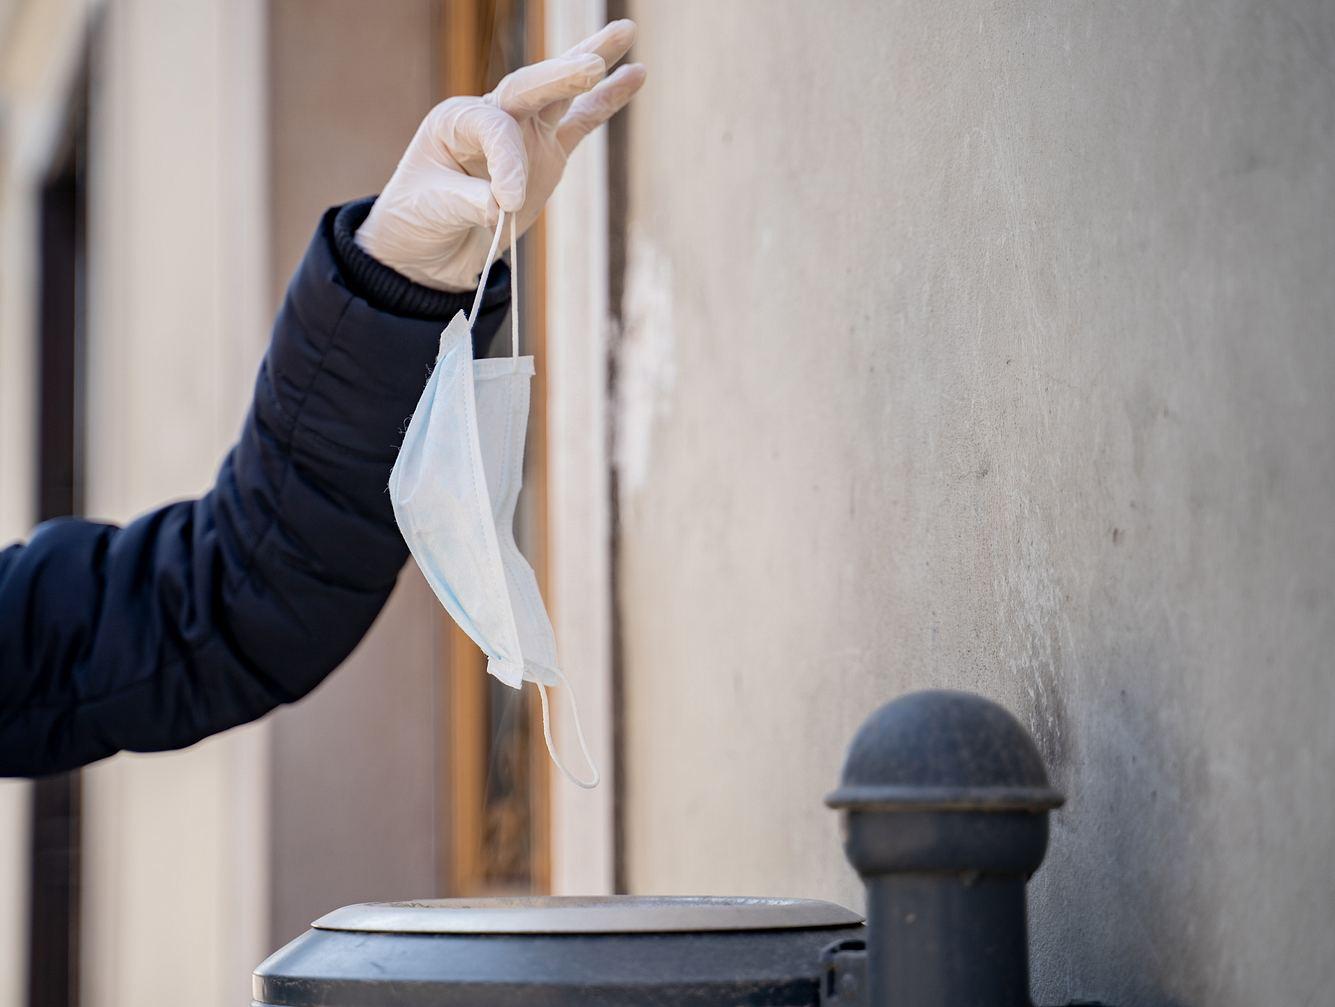 Frau wirft Einwegmaske in öffentlichen Mülleimer.